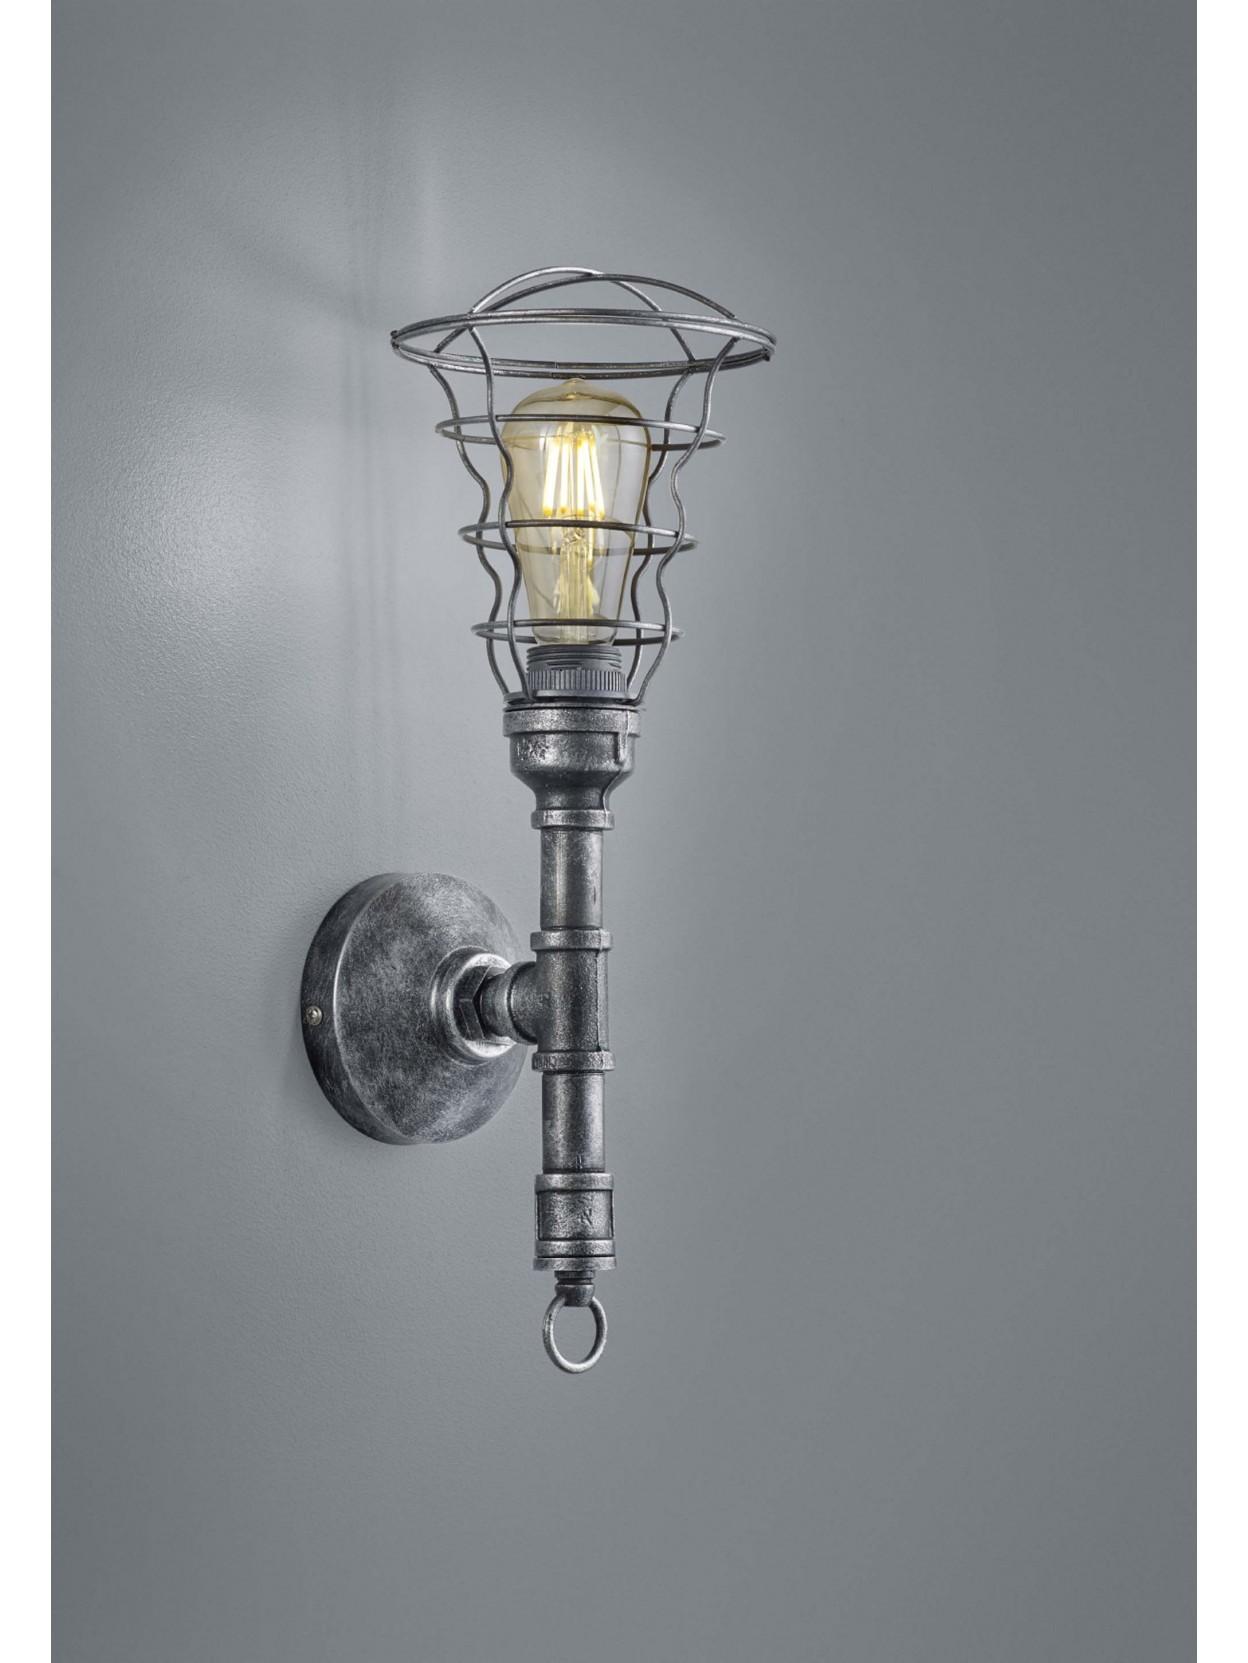 Applique vintage con tubi acqua 1 luce trio 207000188 Gotham